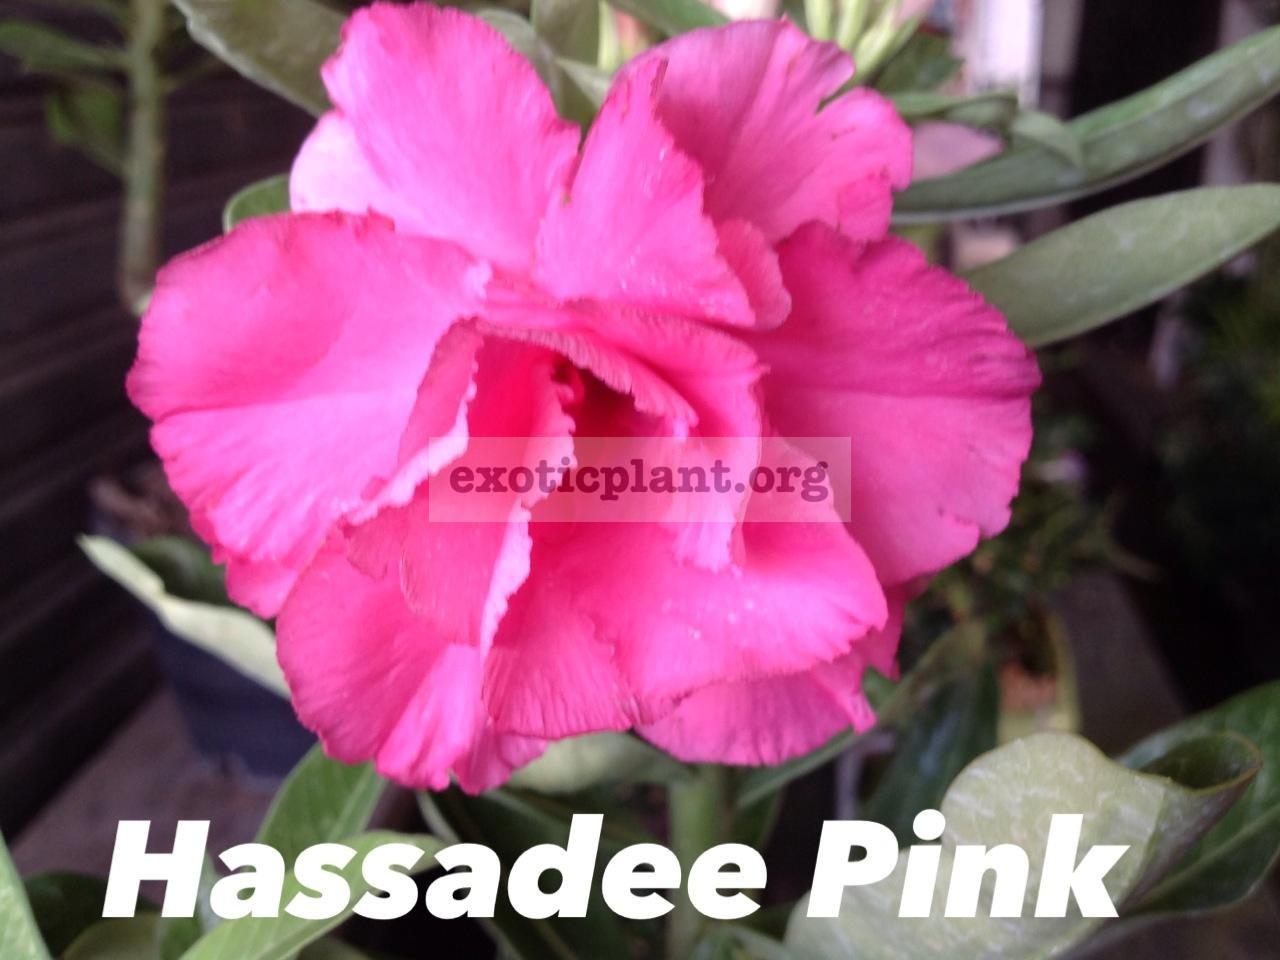 adenium hassadee pink 25